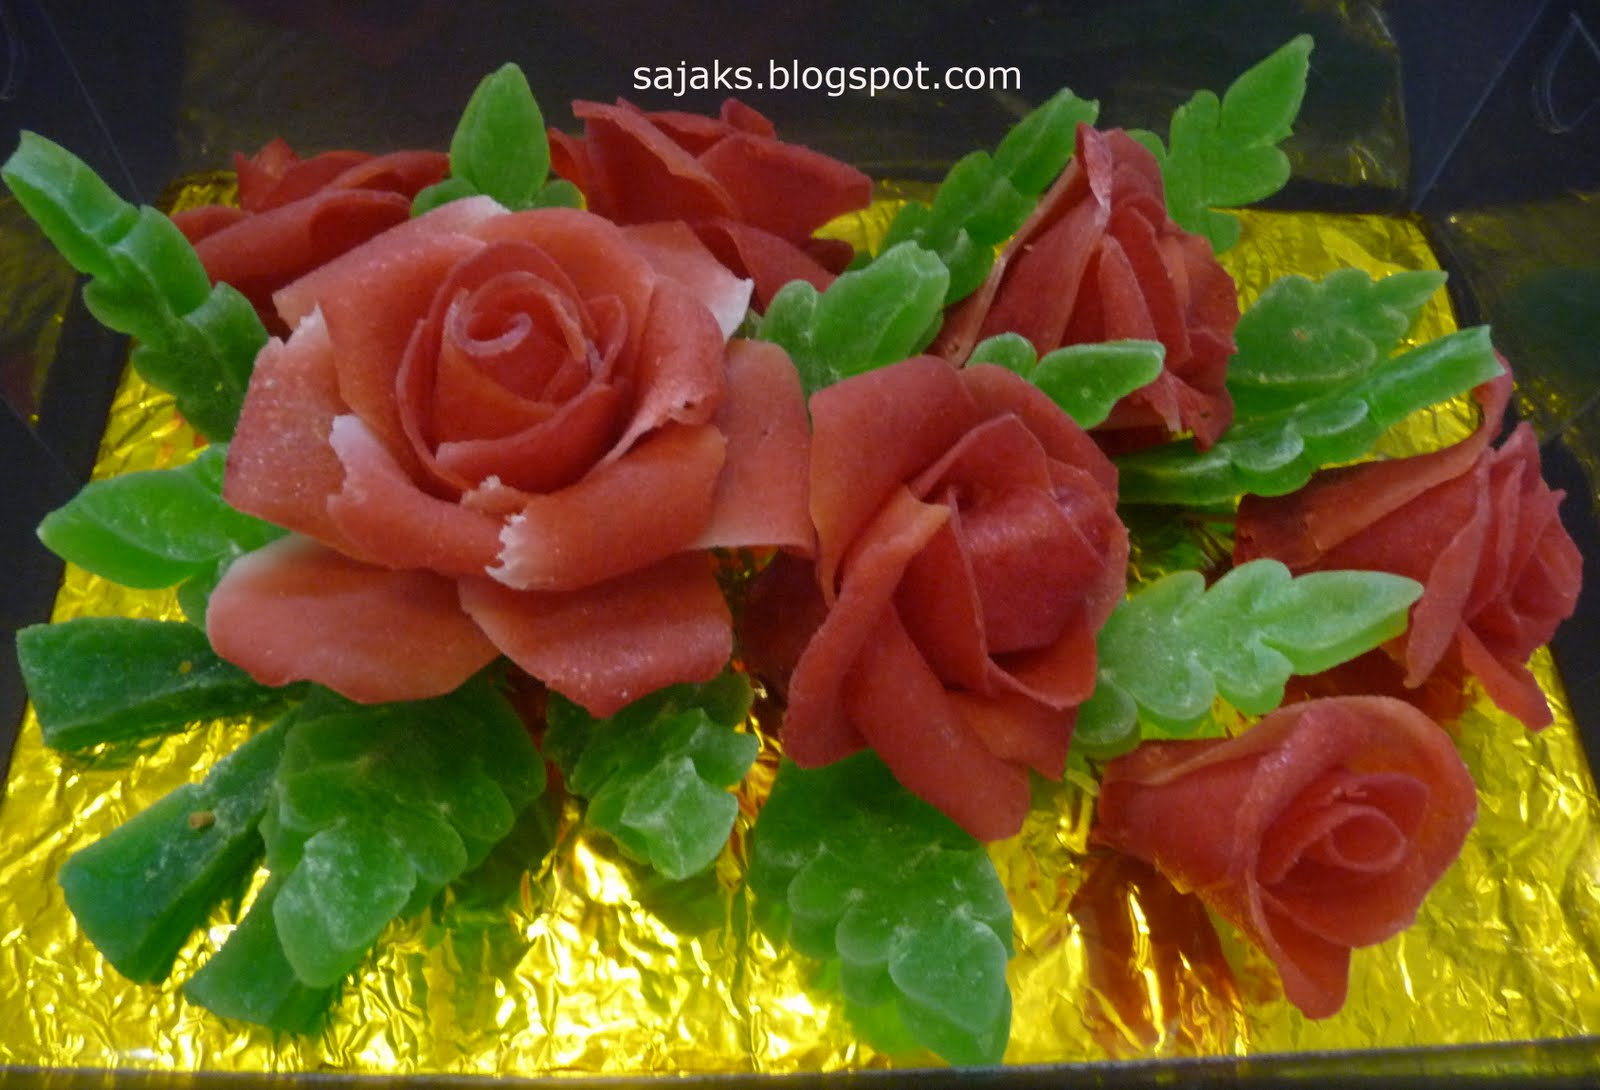 http://1.bp.blogspot.com/-8PpNwVVAlIE/TcE9SNBTkfI/AAAAAAAAAM8/vTzAZA2AhPM/s1600/may-08.JPG